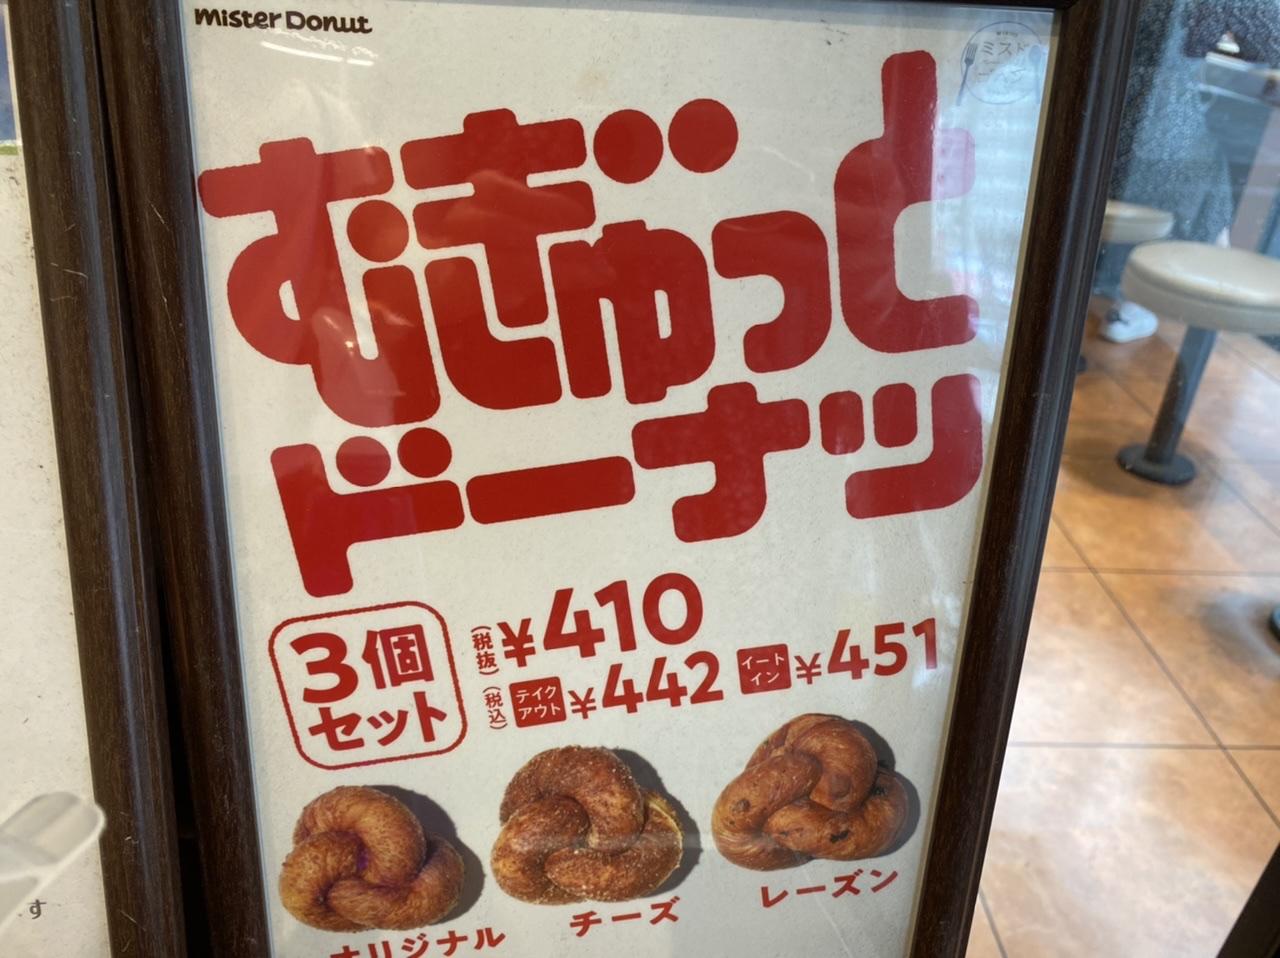 【ミスド新作】6/11発売!新食感の「むぎゅっとドーナツ」をレポ♡_11